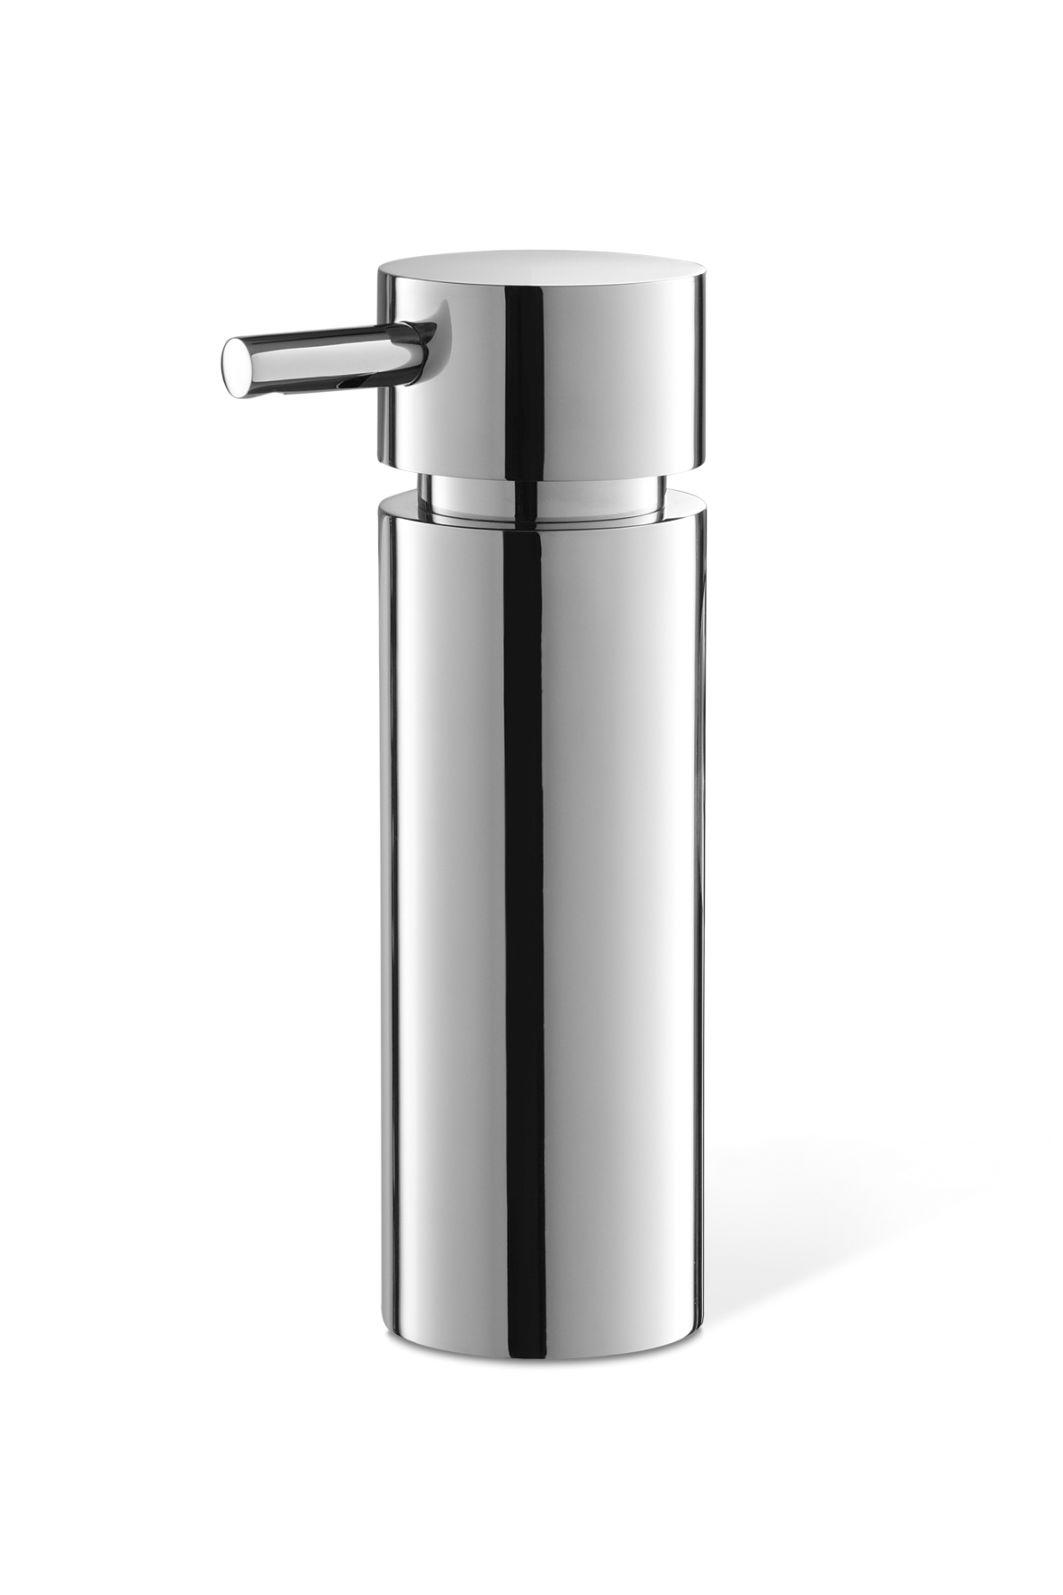 Dávkovač na mýdlo TICO, volně stojící - ZACK